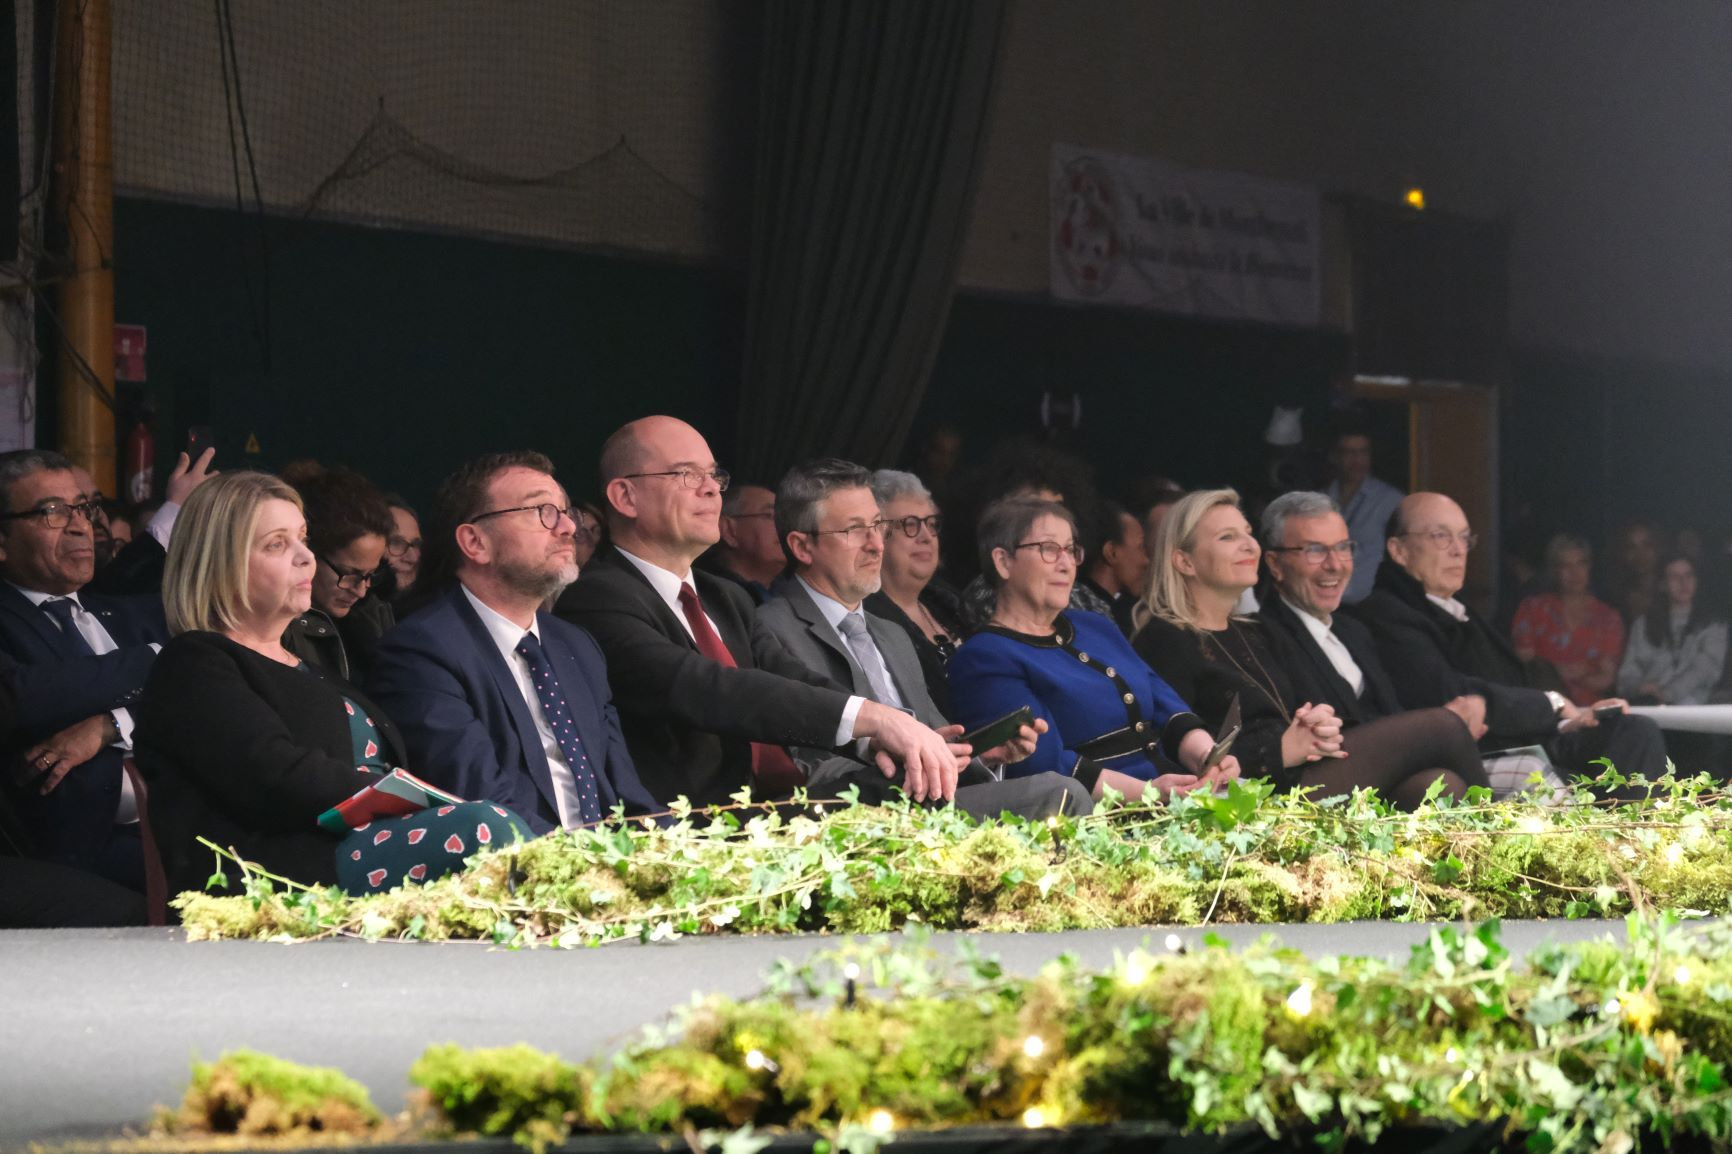 Les officiels en first row autour de Xavier Lemoine